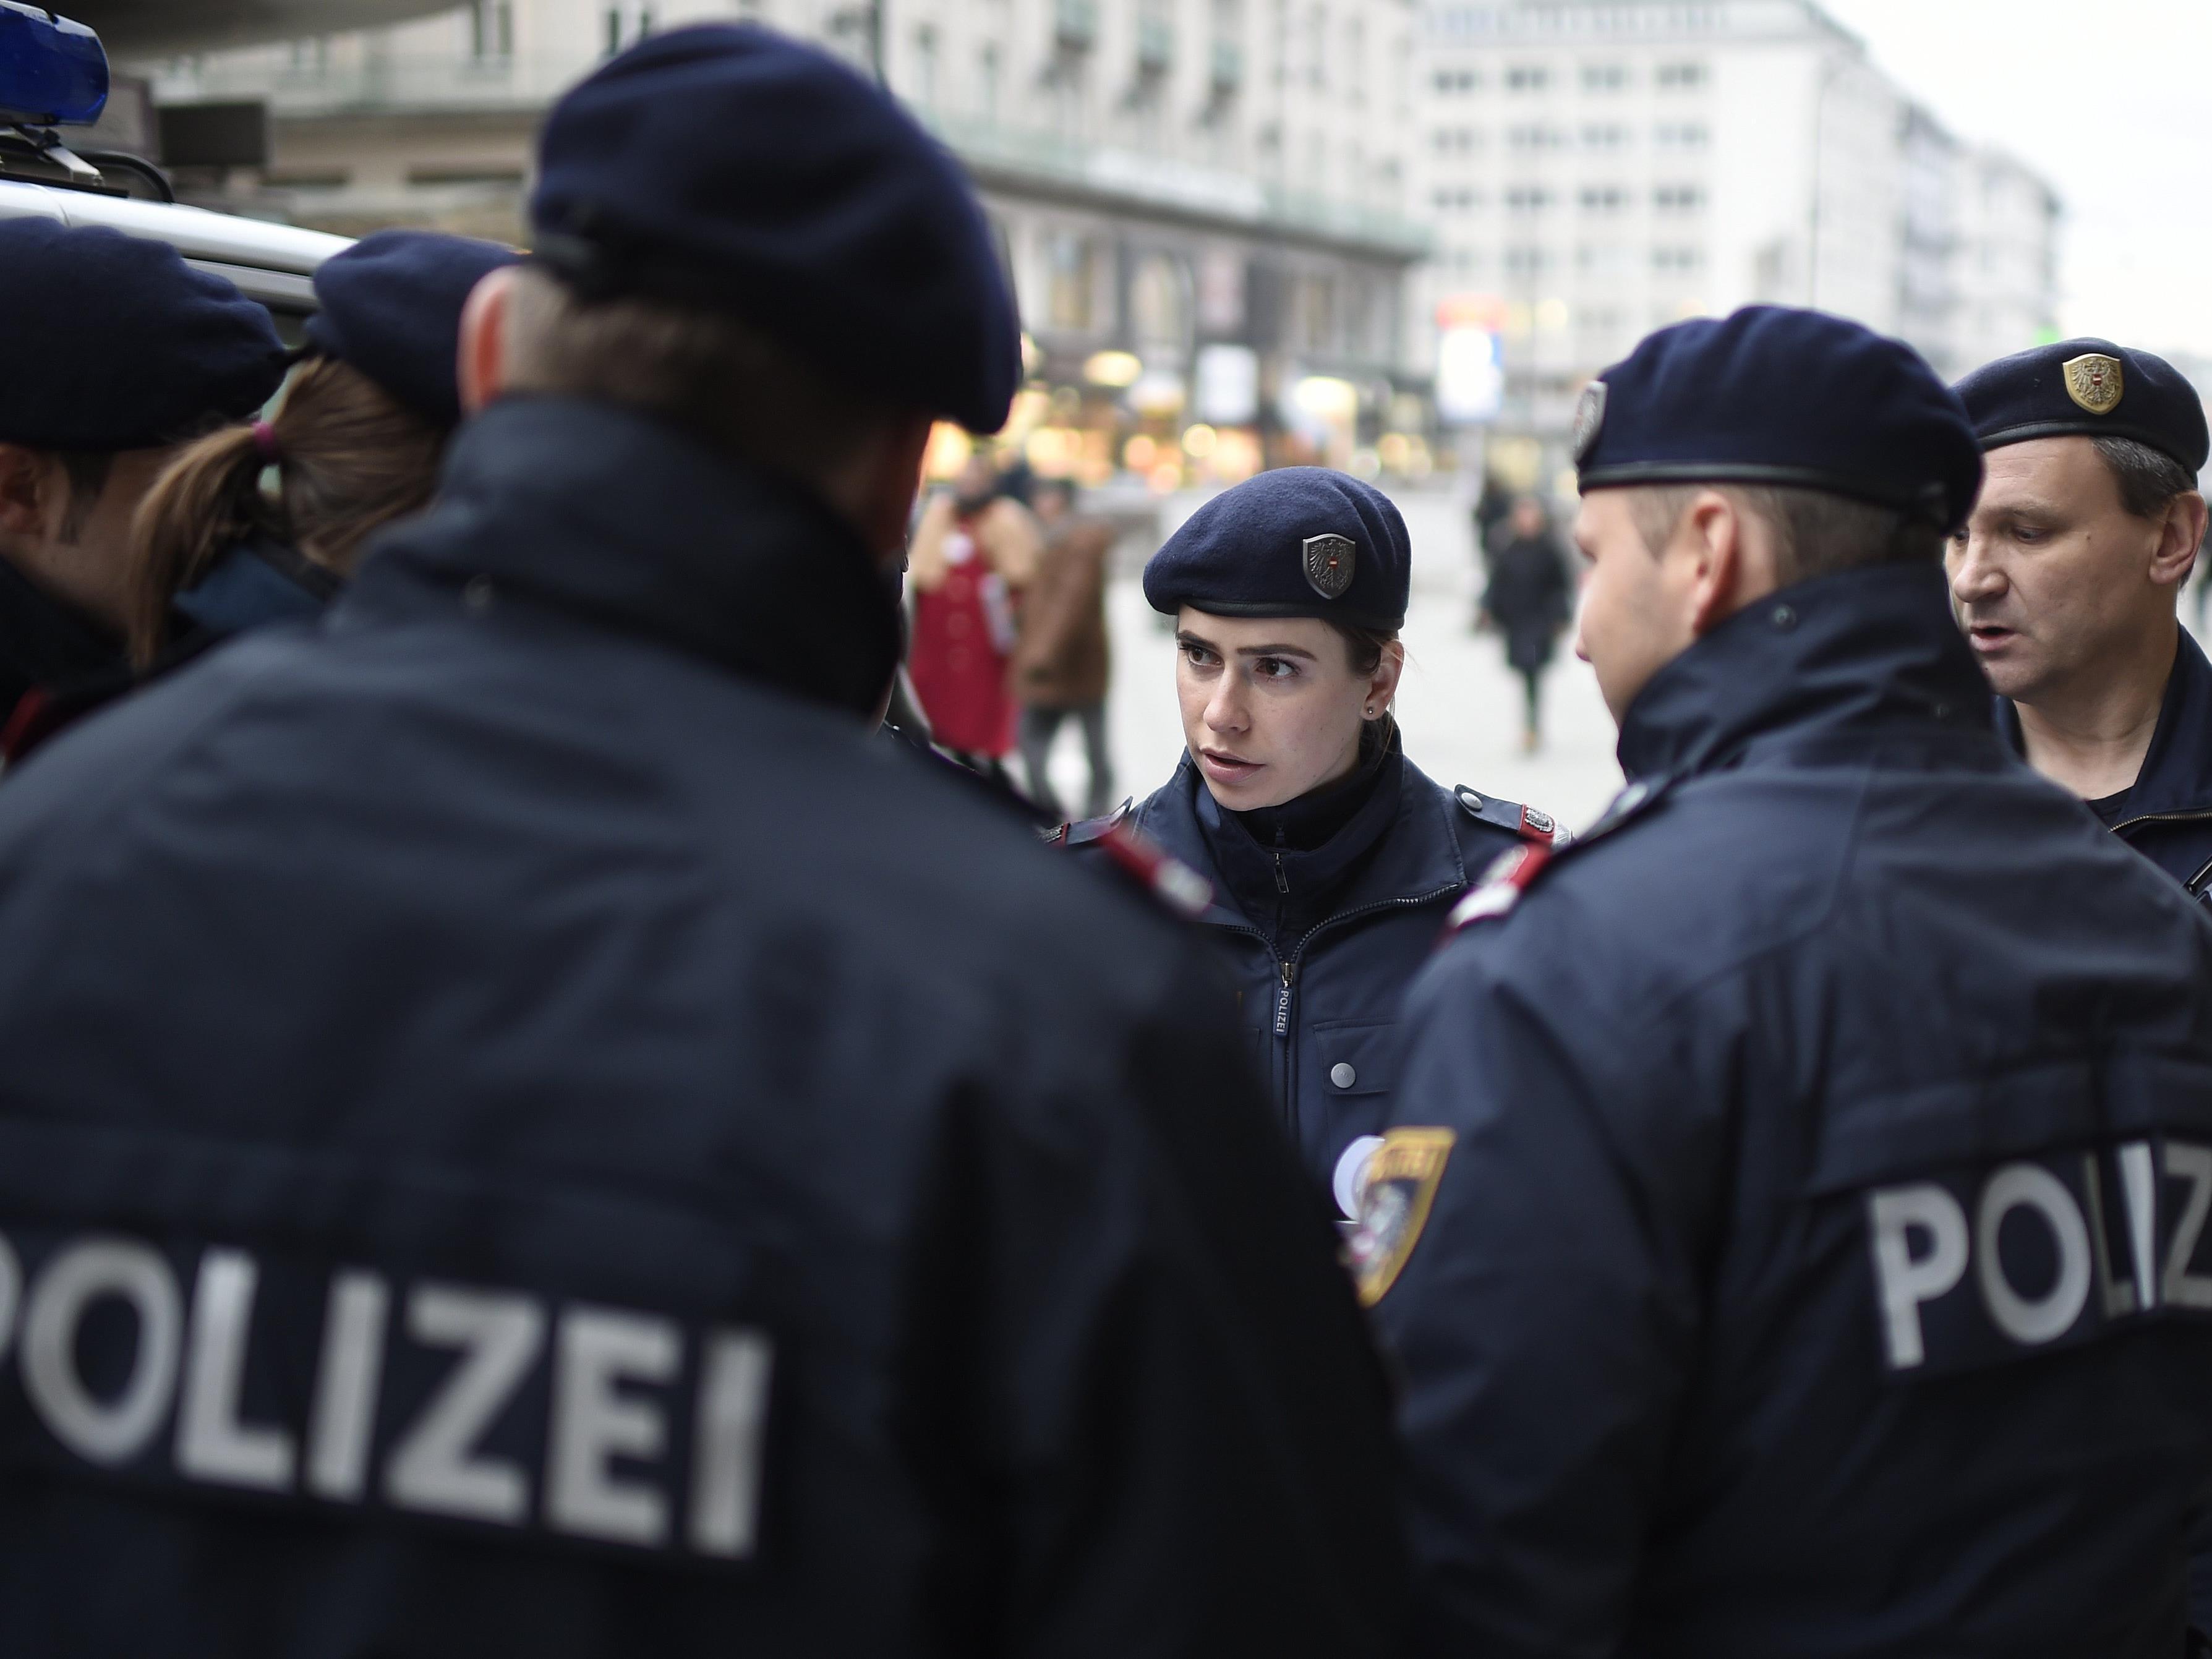 Die heimische Polizei soll besser ausgerüstet werden.